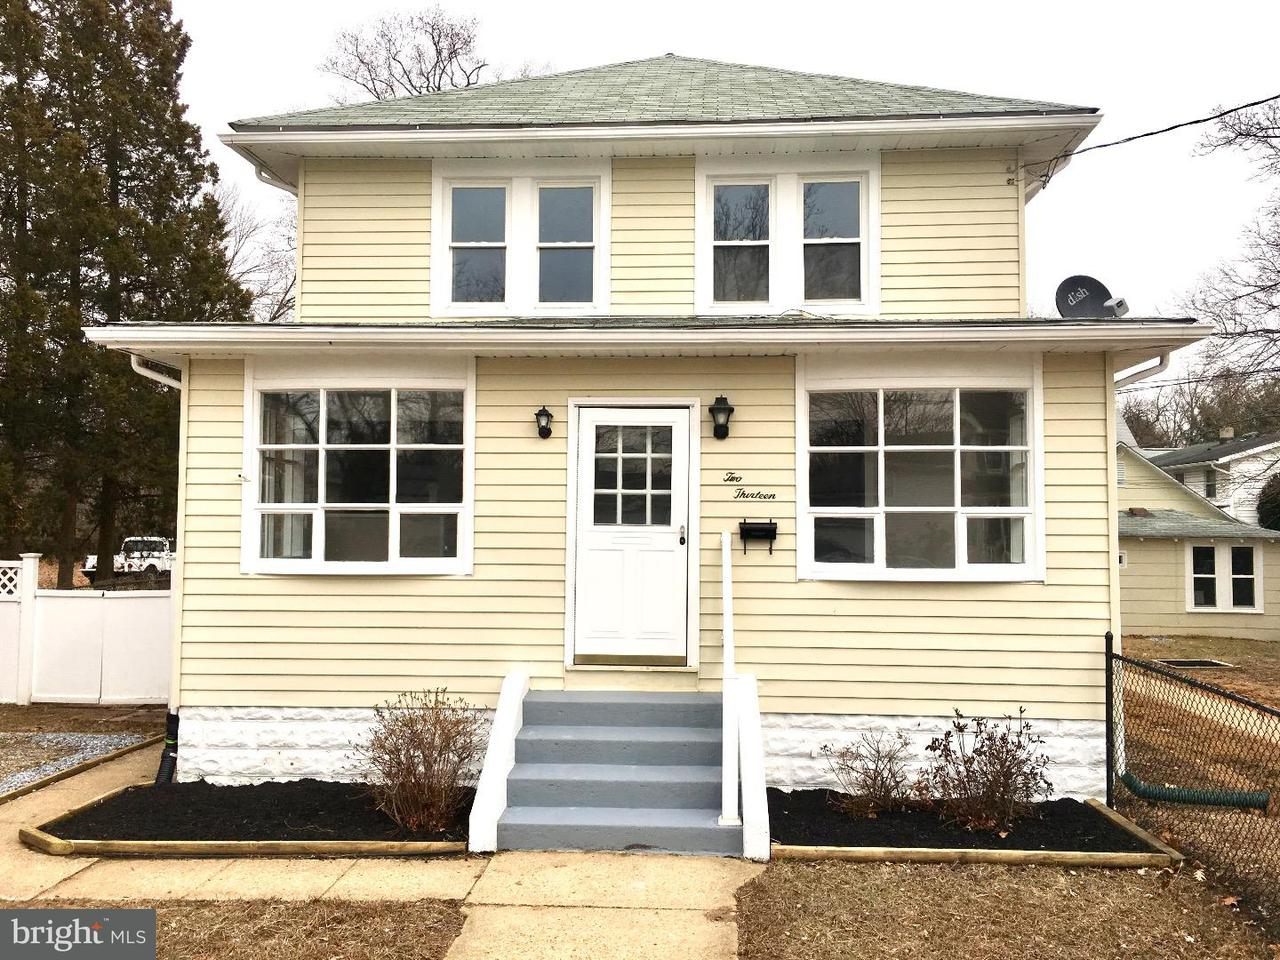 Casa Unifamiliar por un Venta en 213-215 NEW JERSEY Avenue National Park, Nueva Jersey 08063 Estados Unidos